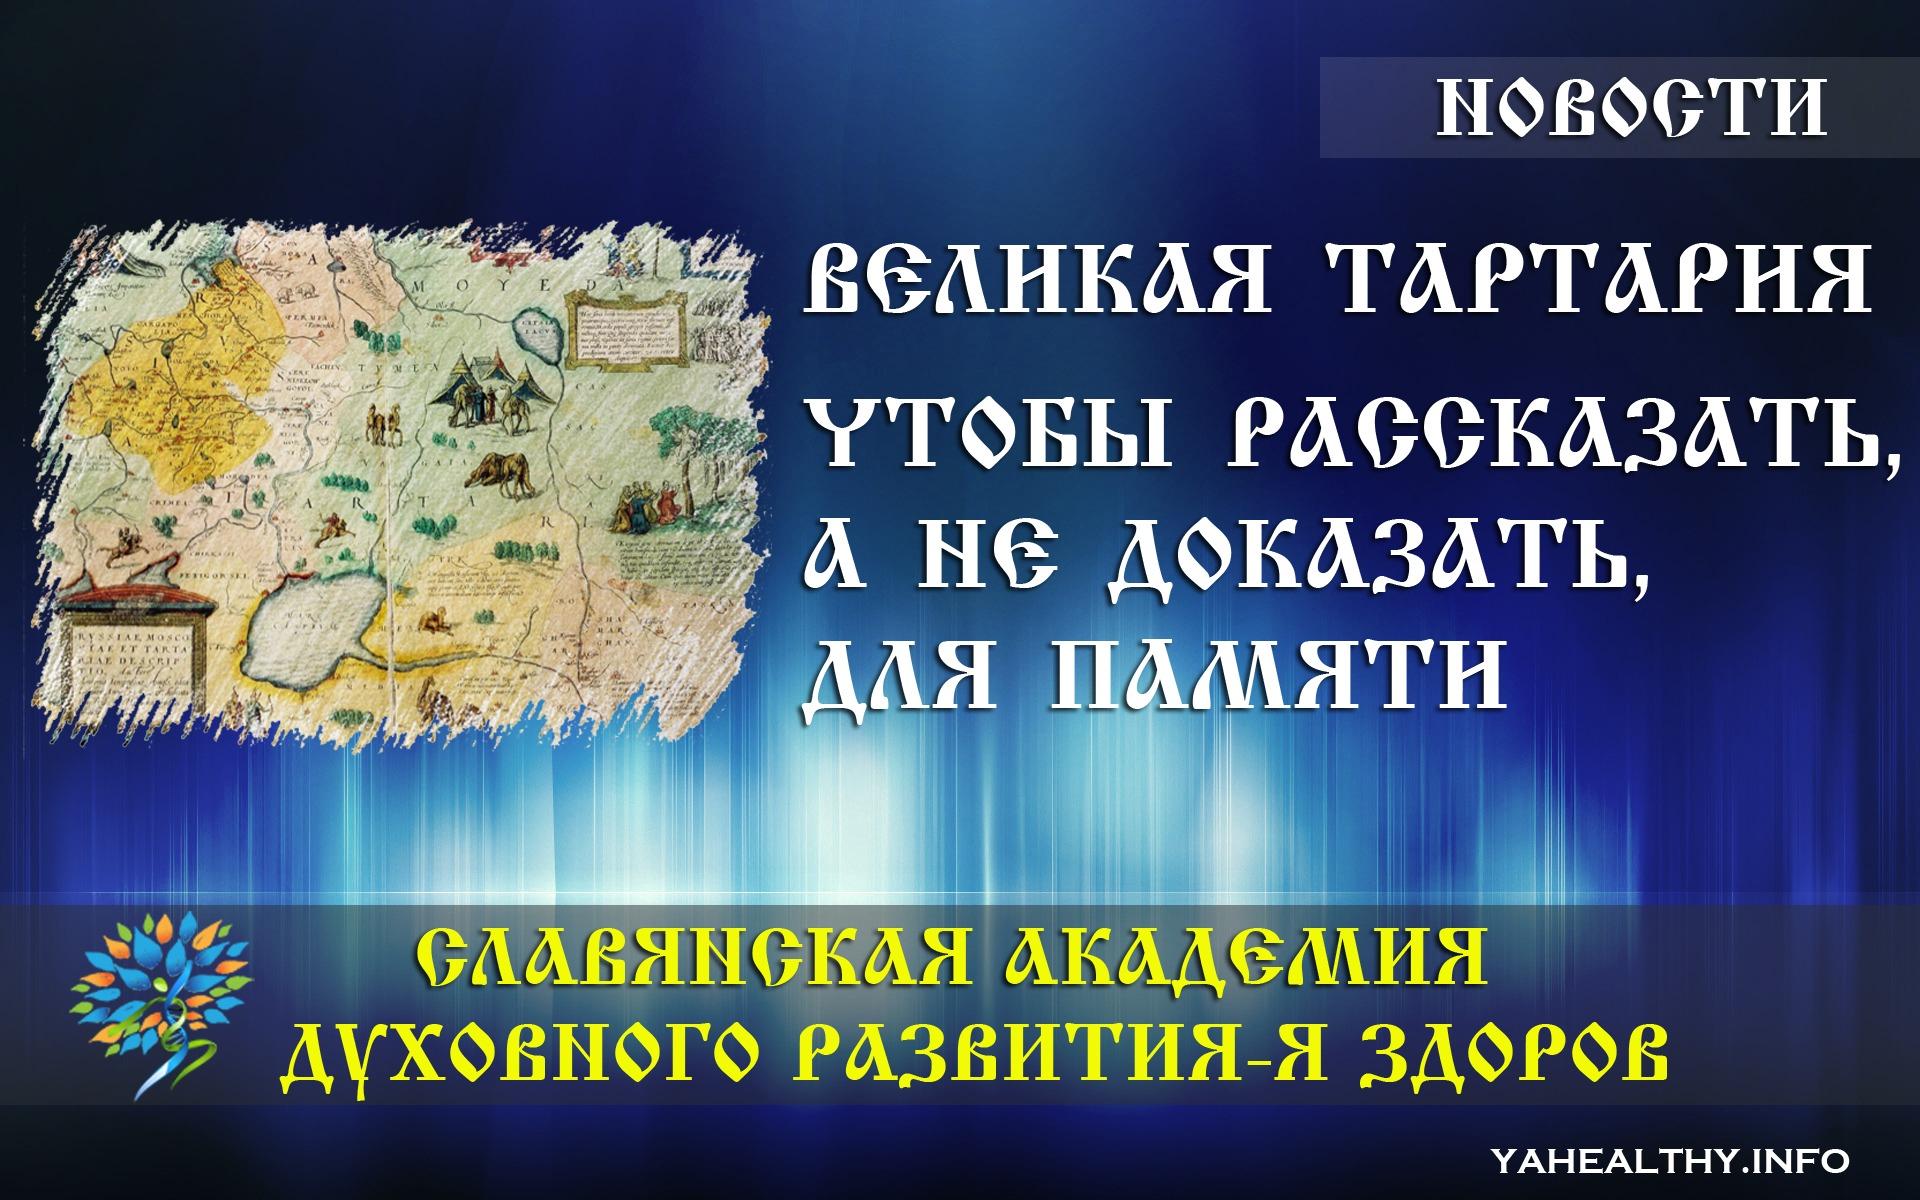 Информация о Великой Тартарии